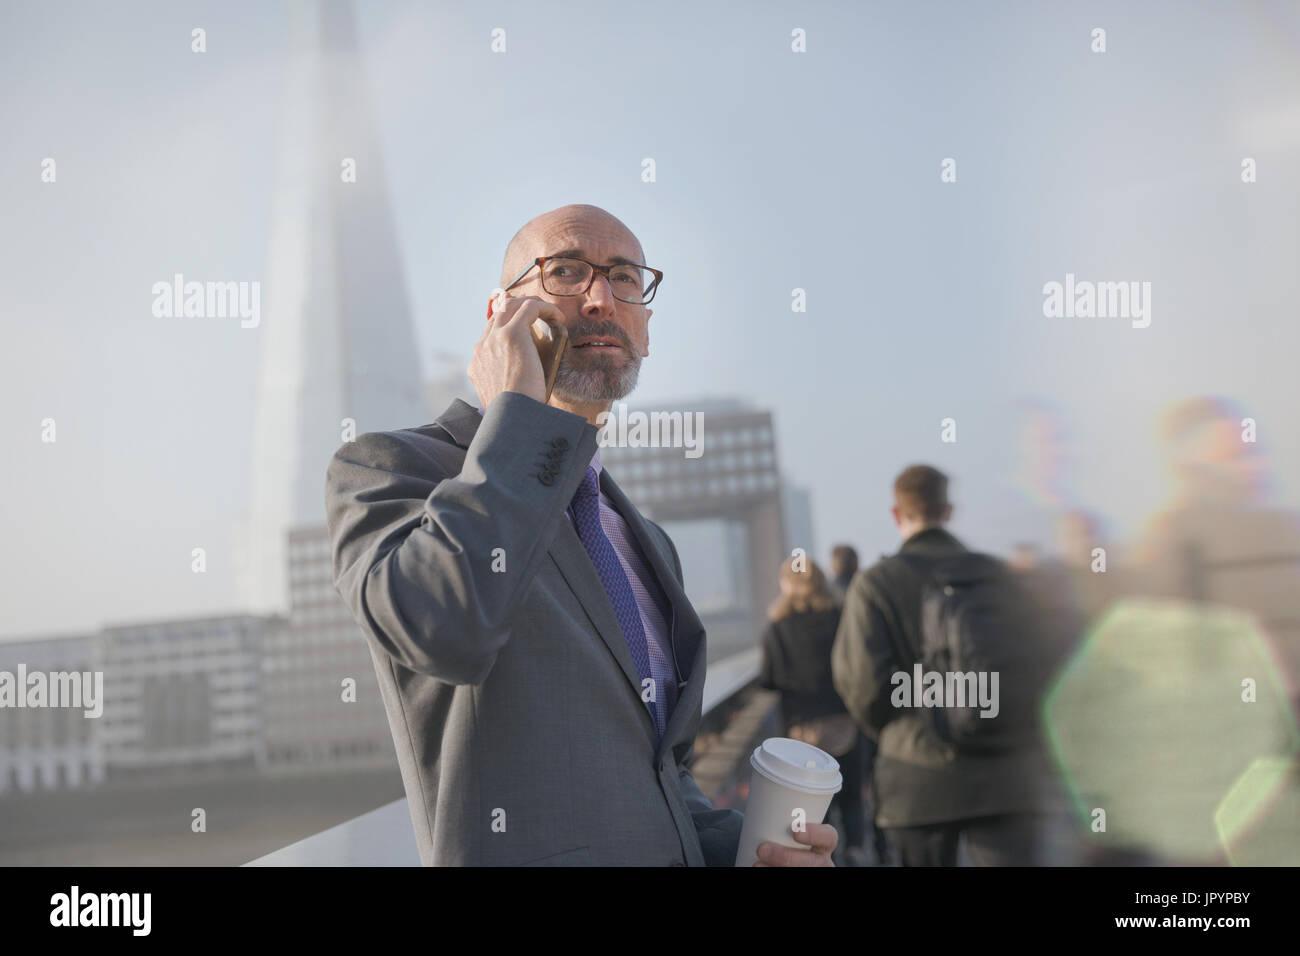 Ernst Kaufmann, Kaffee trinken und reden über Handy, London, UK Stockfoto